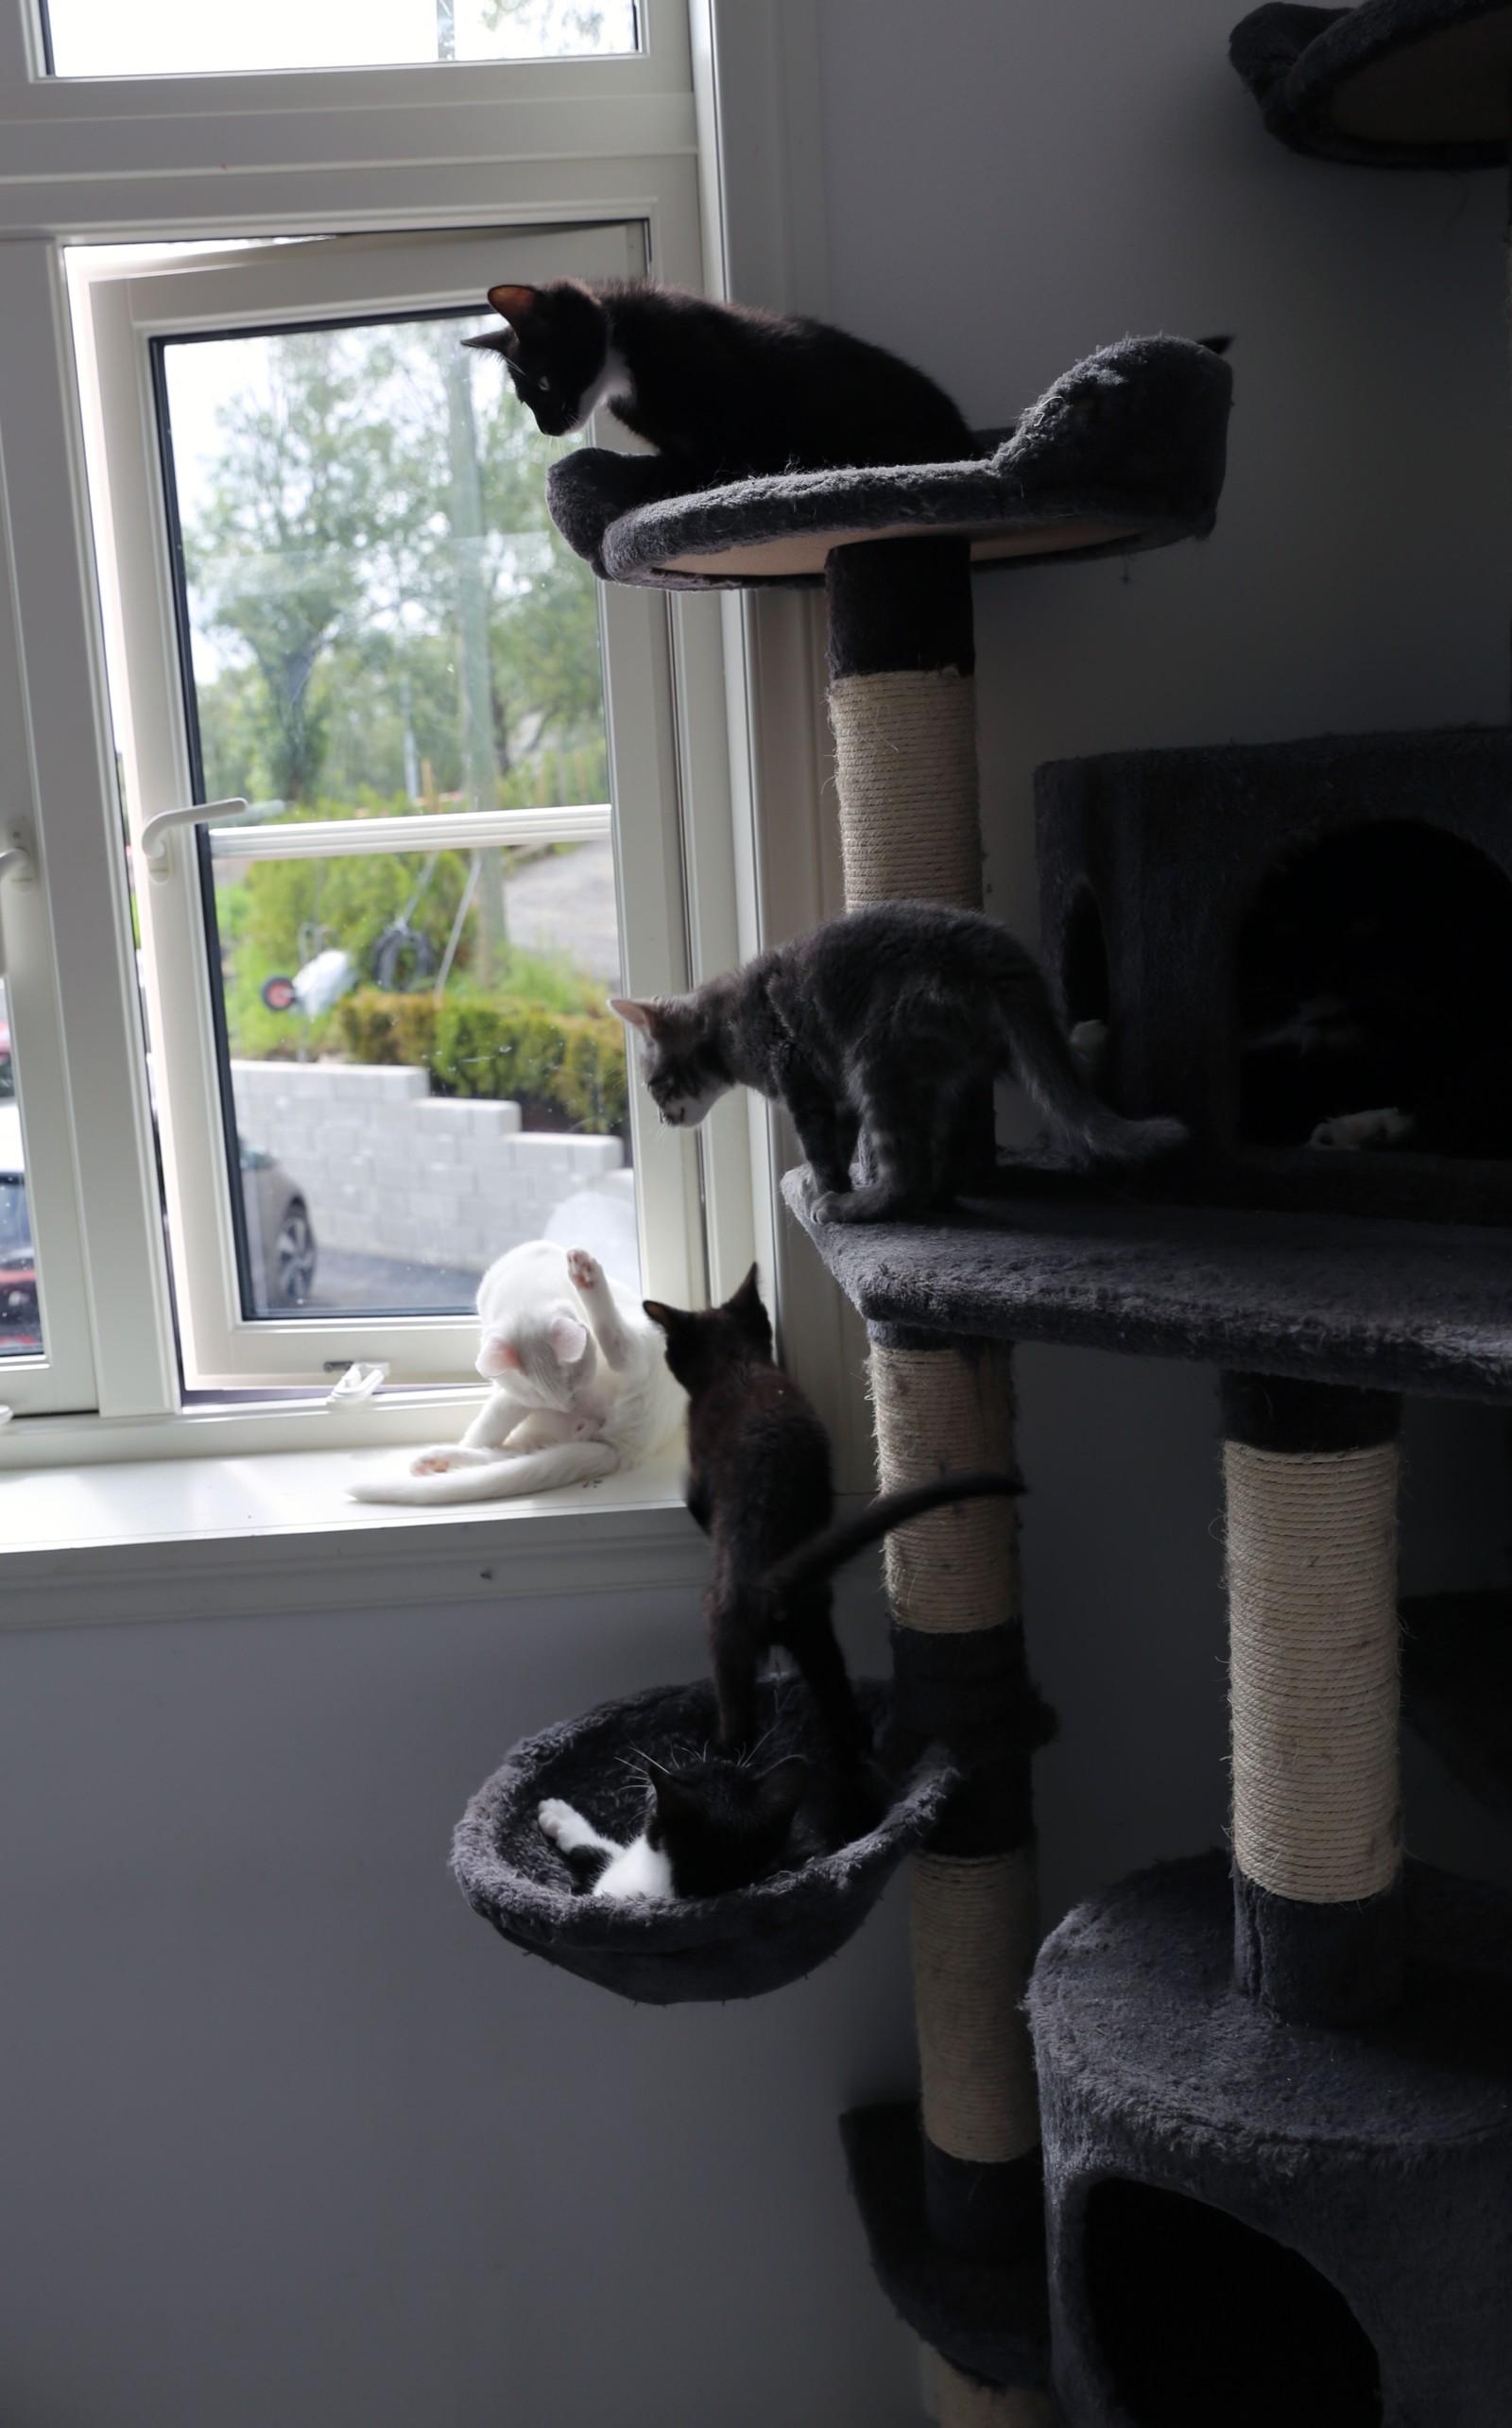 LUFTIG: Kattene bor både landlig og romslig. Men kapasiteten til Dyrebeskyttelsen Norge avd. Bergen og Hordaland er sprengt.